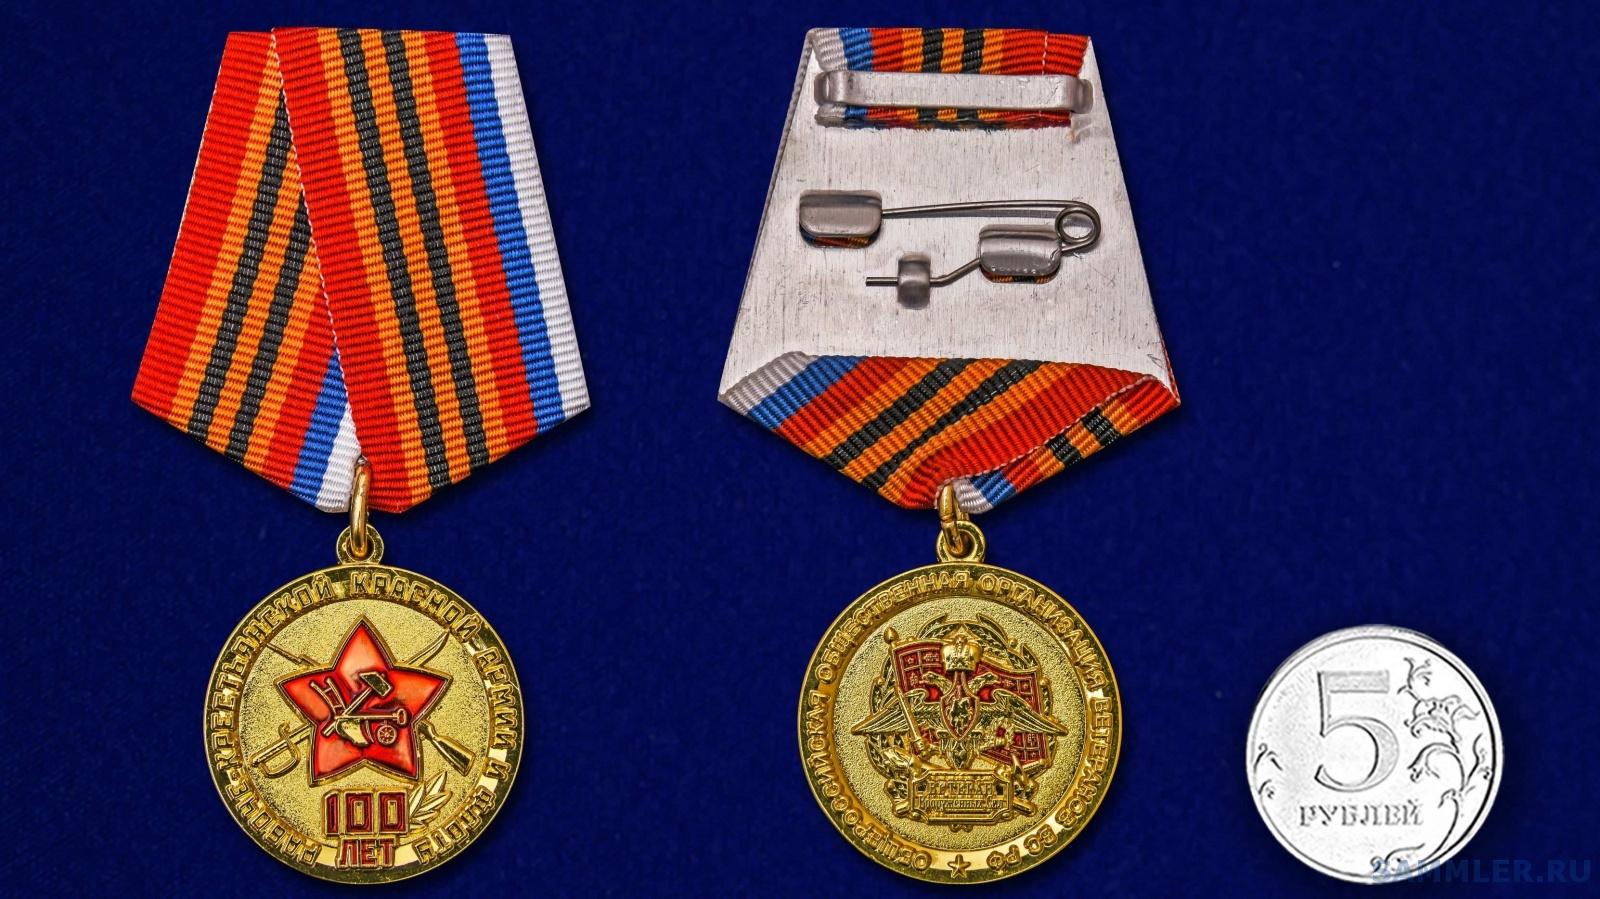 pamyatnaya-yubilejnaya-medal-100-let-raboche-krestyanskoj-krasnoj-armii-i-flotu-4.1600x16001.jpg